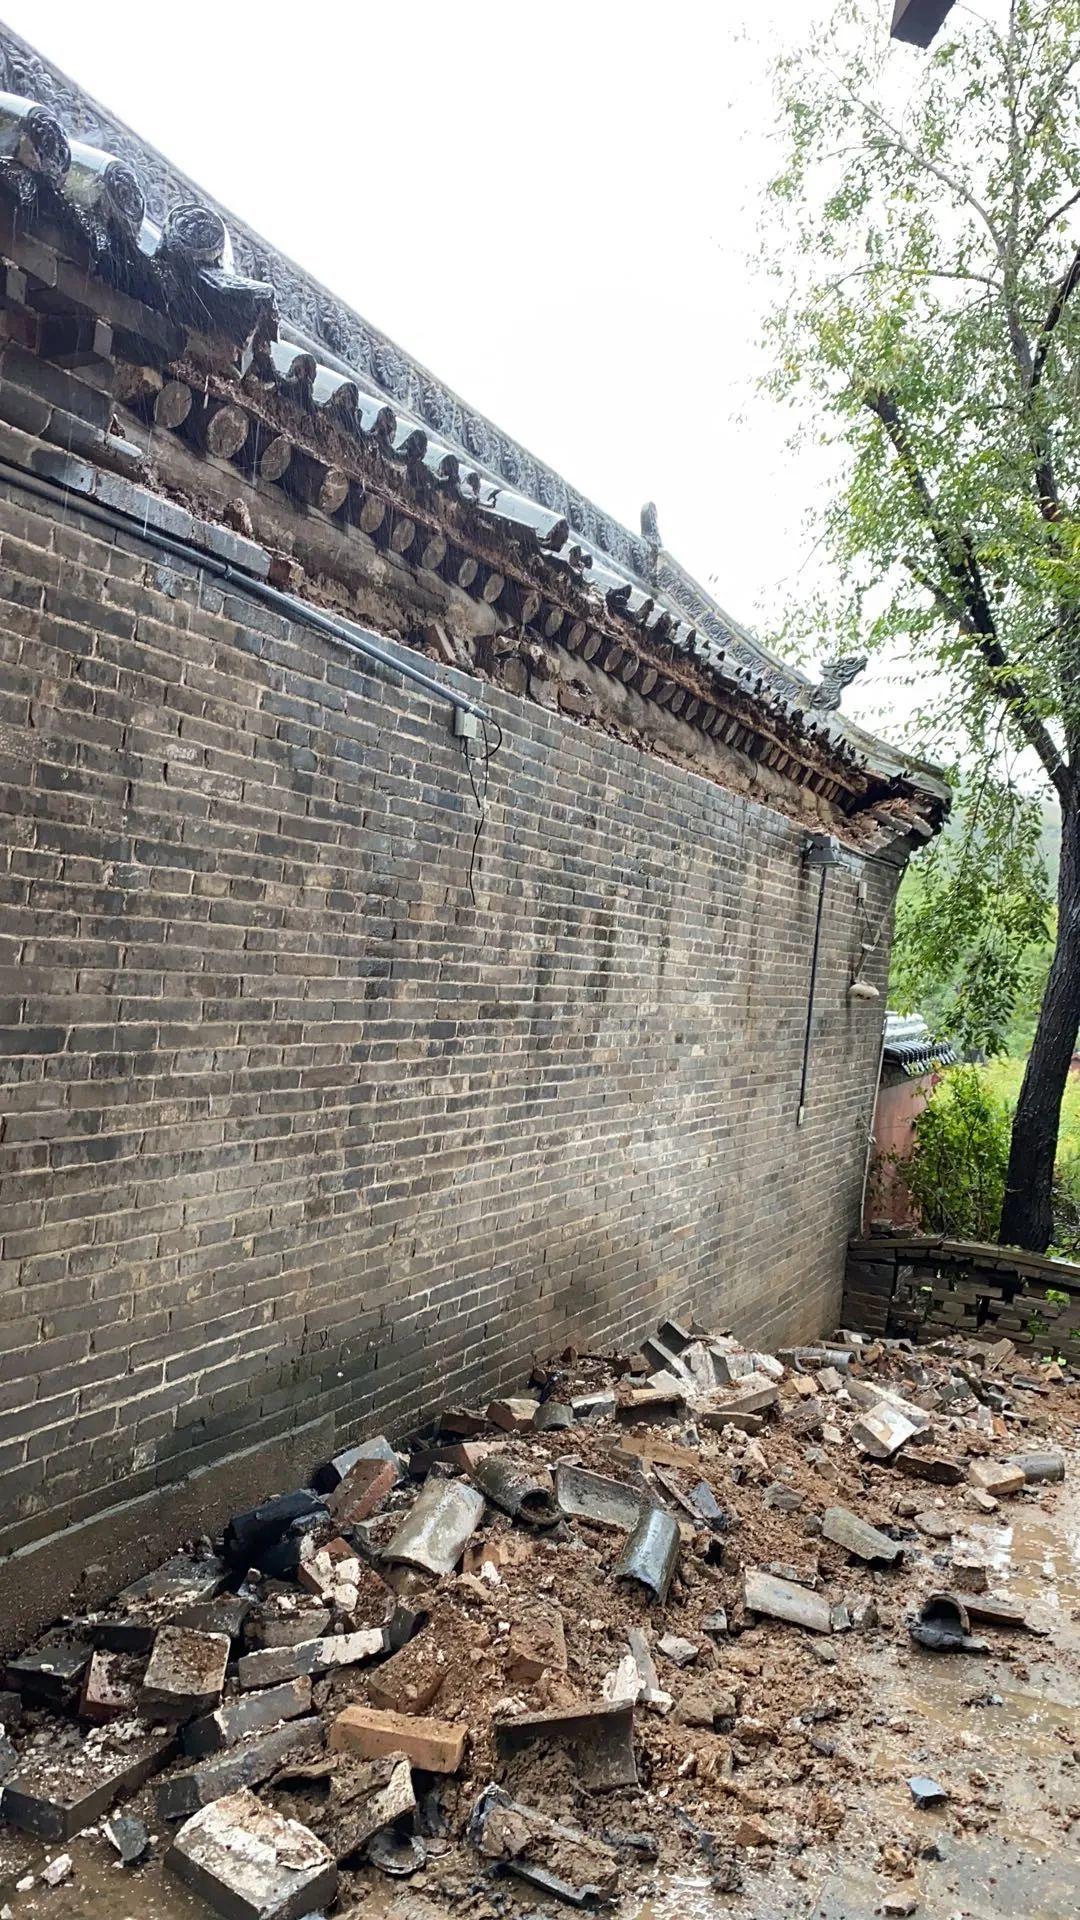 太原市蒙山开化寺后墙摇摇欲坠